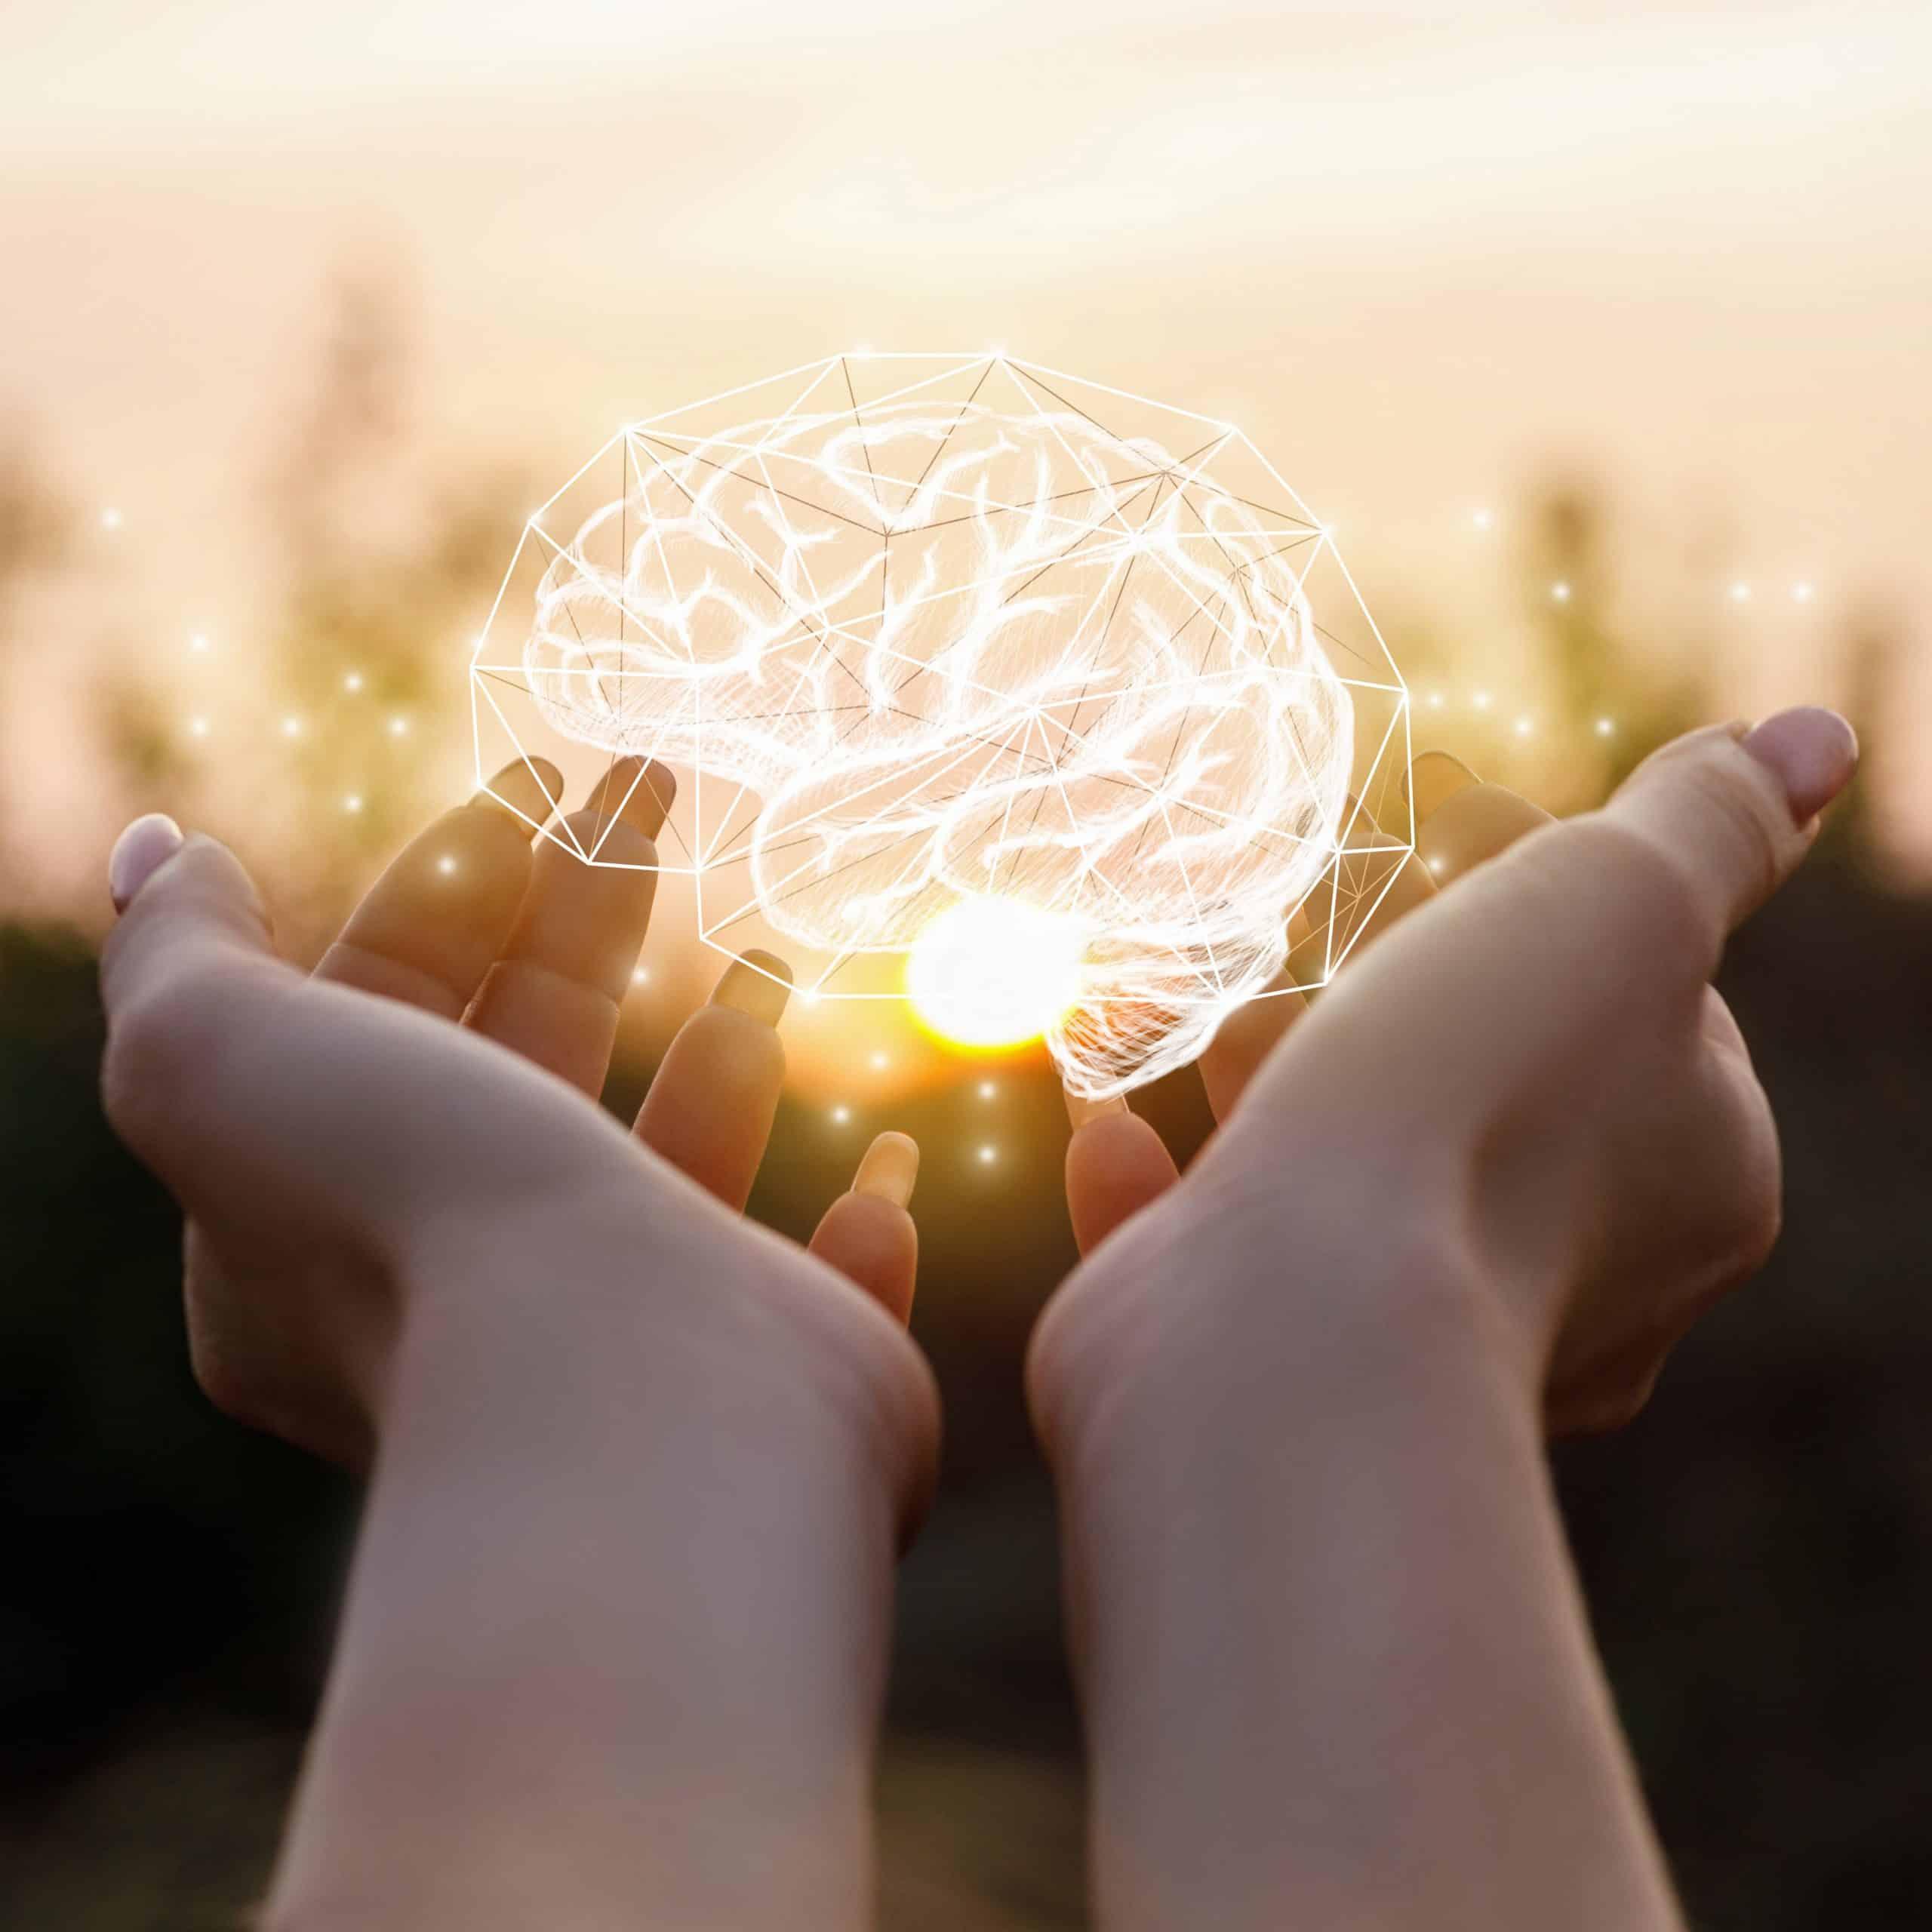 Anhand eines einzigartigen medizinischen Falls haben Forschende erstmals eindeutig die Region im Gehirn identifiziert, die exekutive Funktionen steuert